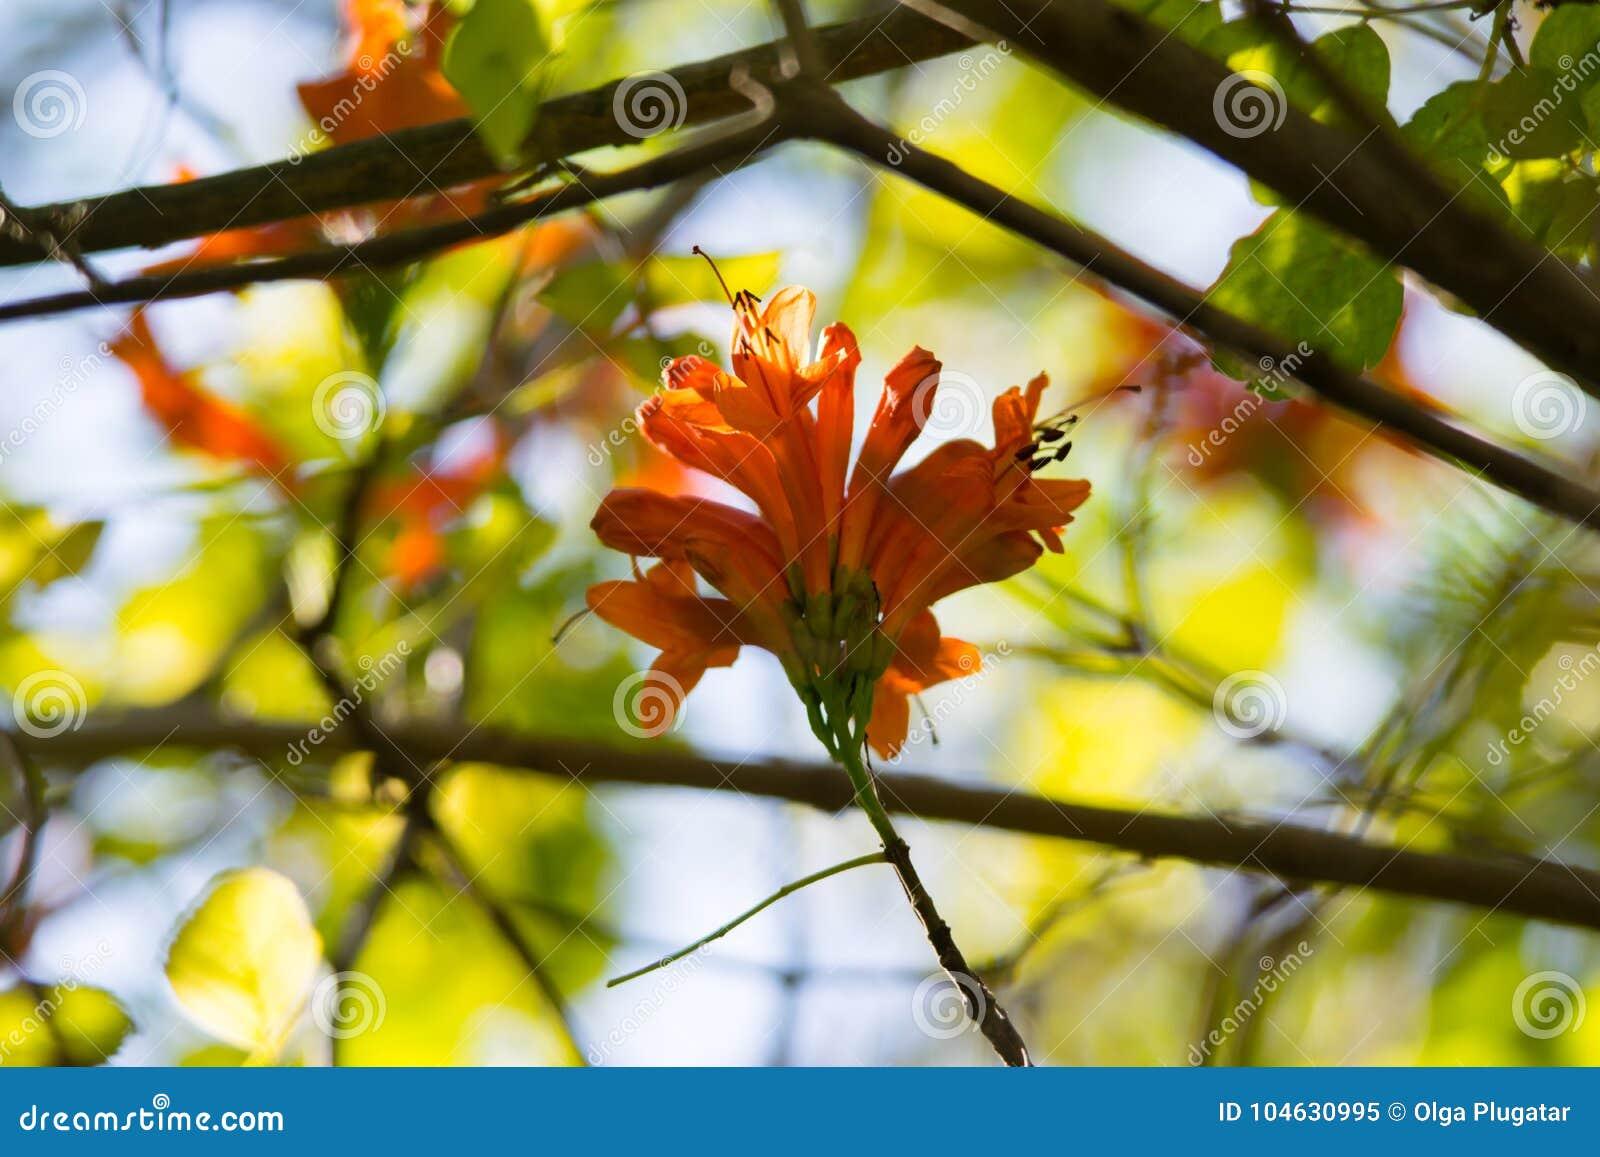 Download Oranje Trompet, Vlambloem, Fire-cracker Wijnstokblad Stock Afbeelding - Afbeelding bestaande uit nave, blad: 104630995